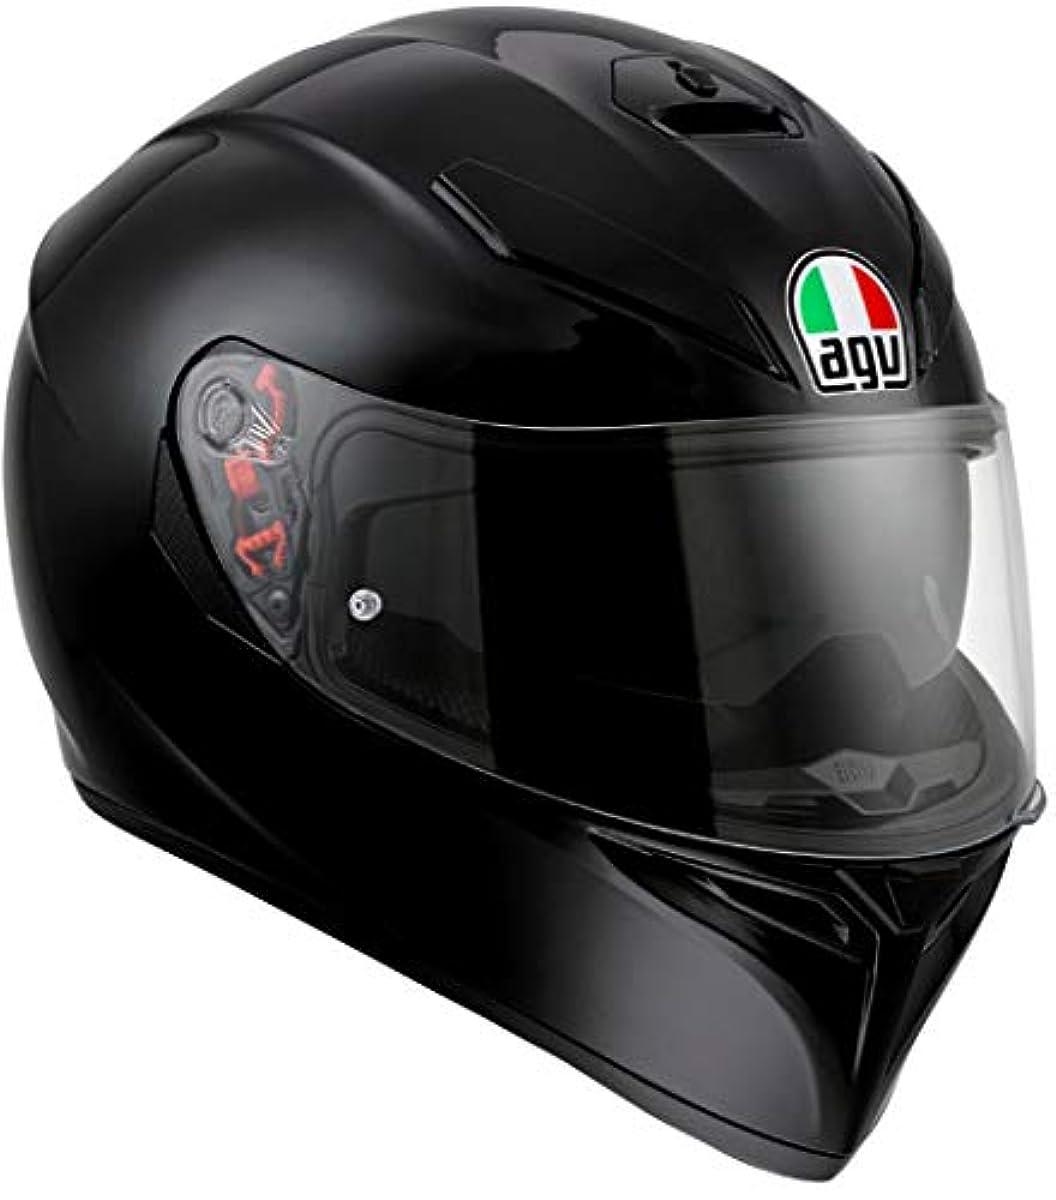 [해외] AGV(시대―부이) 오토바이 헬멧 풀 페이스 K-3 SV MPLK BLACK (블랙) XL (61-62CM) 030194MF001-XL